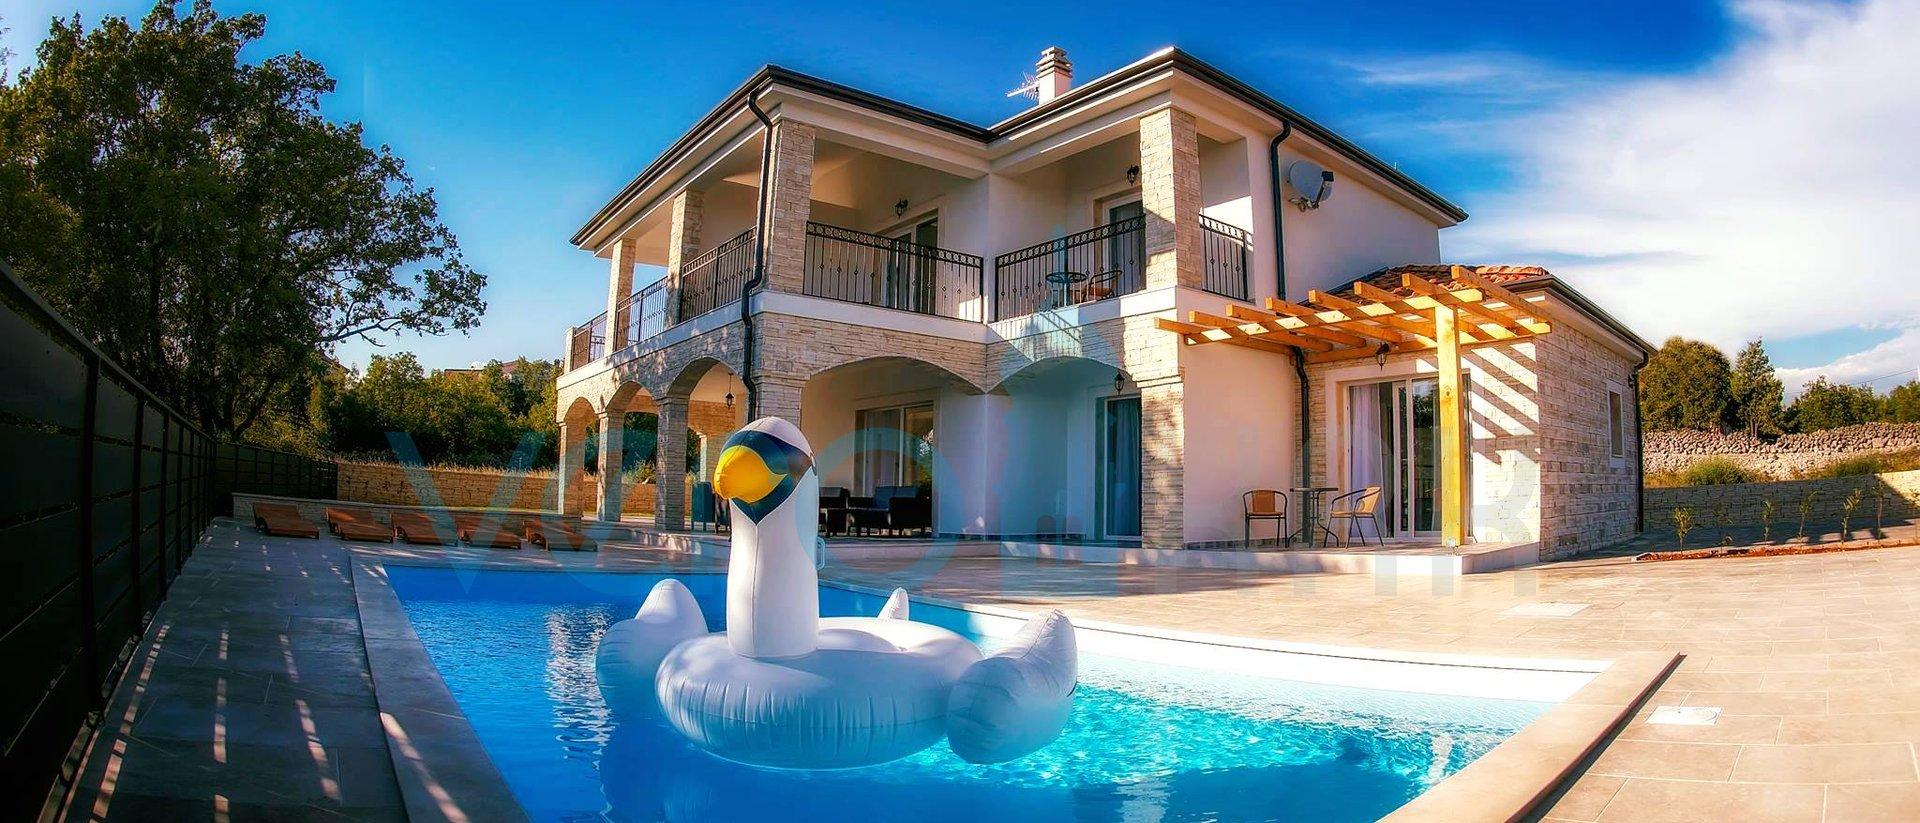 Casa, 209 m2, Vendita, Krk - Linardići